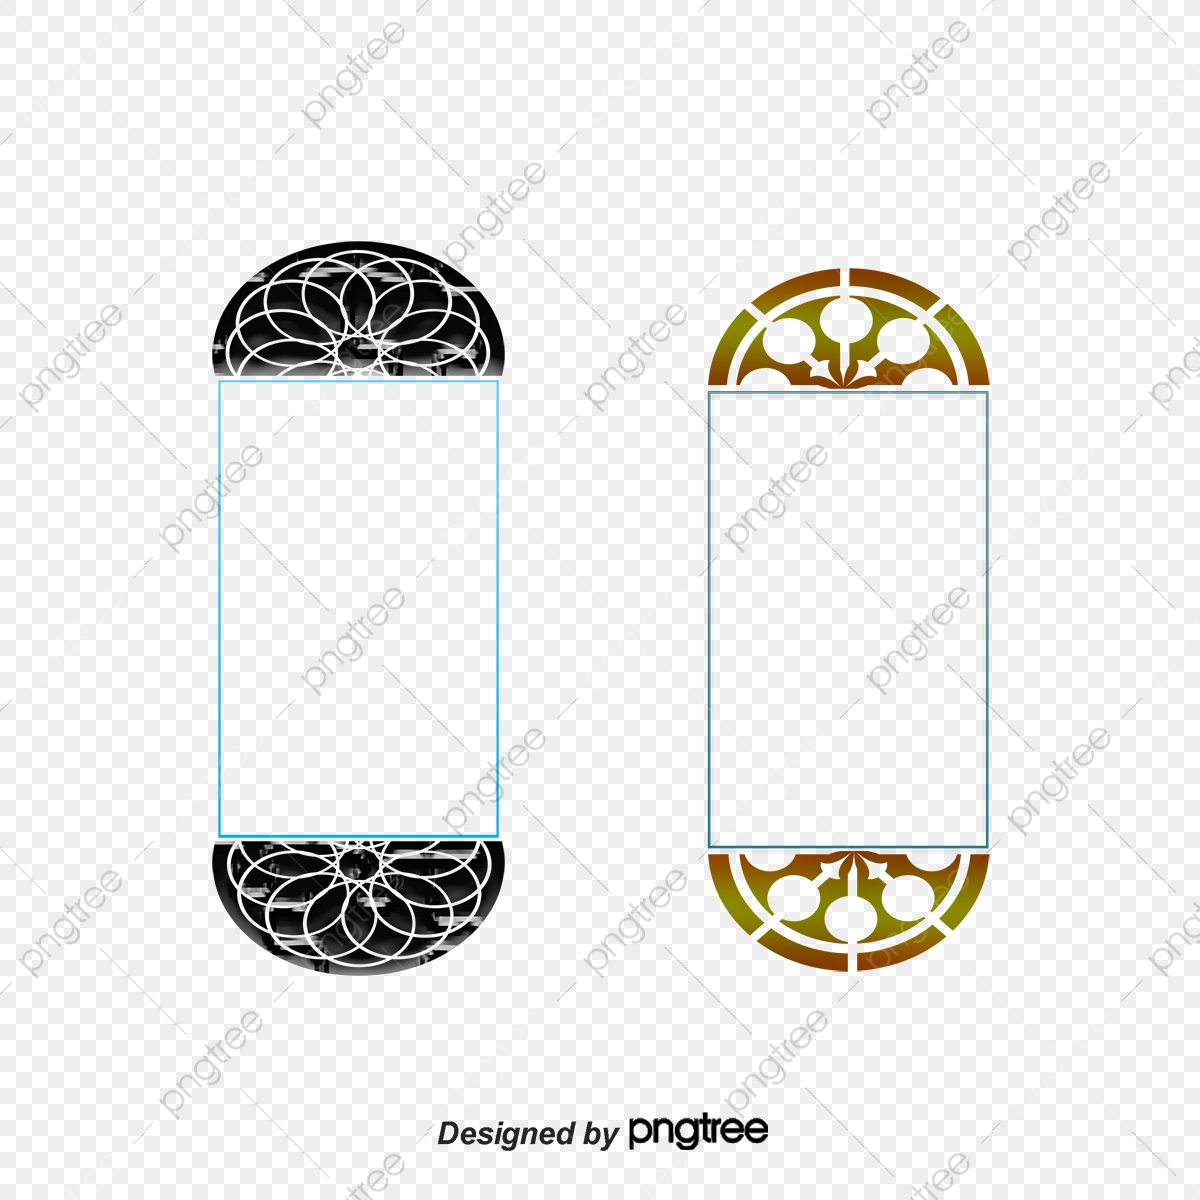 vecteur de motif islamique bordure halal islamique png et vecteur pour t u00e9l u00e9chargement gratuit